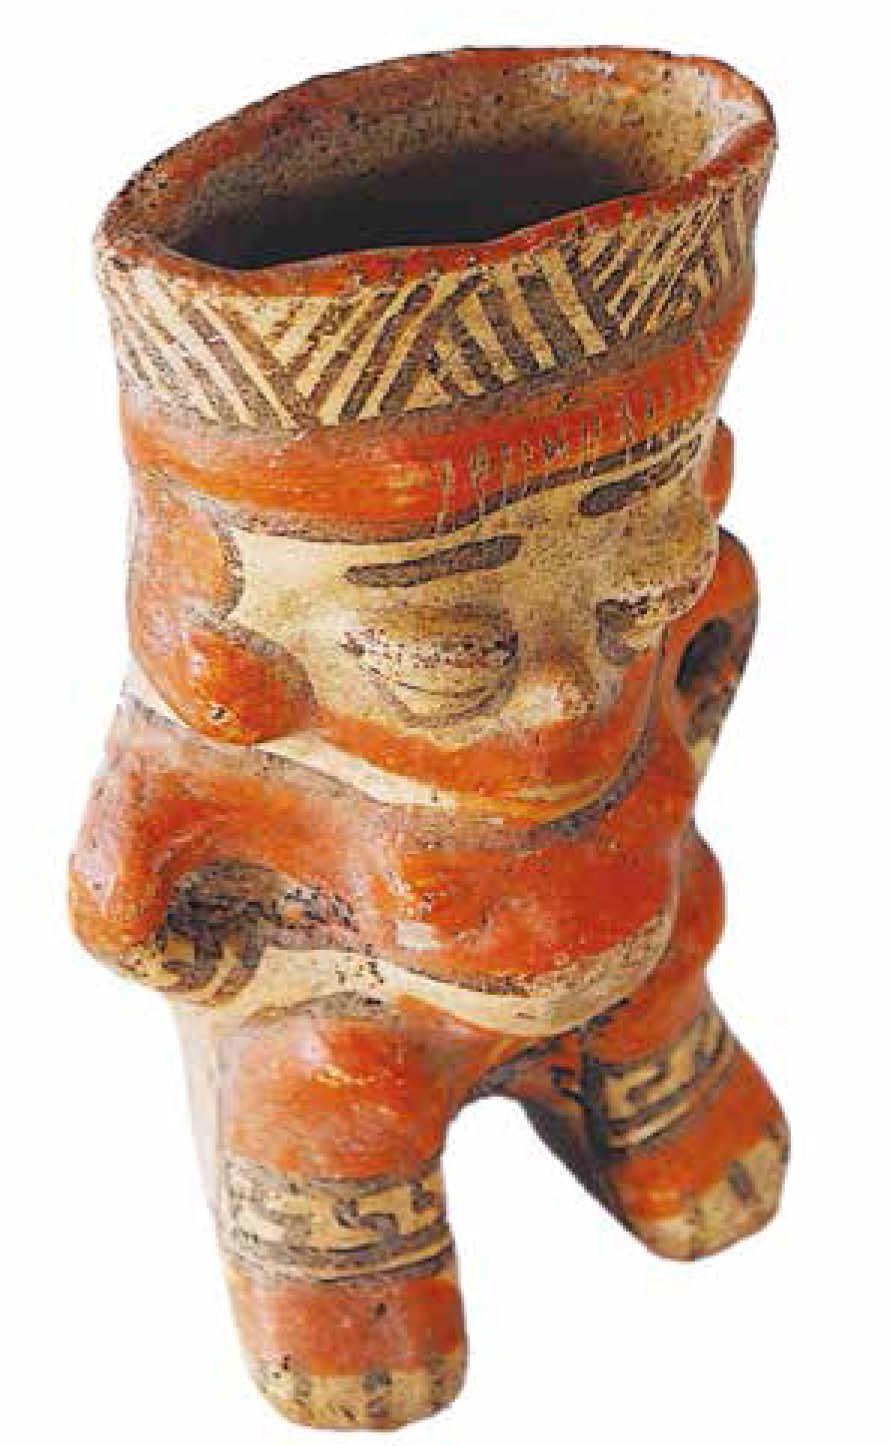 Henry Vargas Benavides, En esta pieza de cerámica aparece la figura femenina embarazada. Foto cortesía del autor.